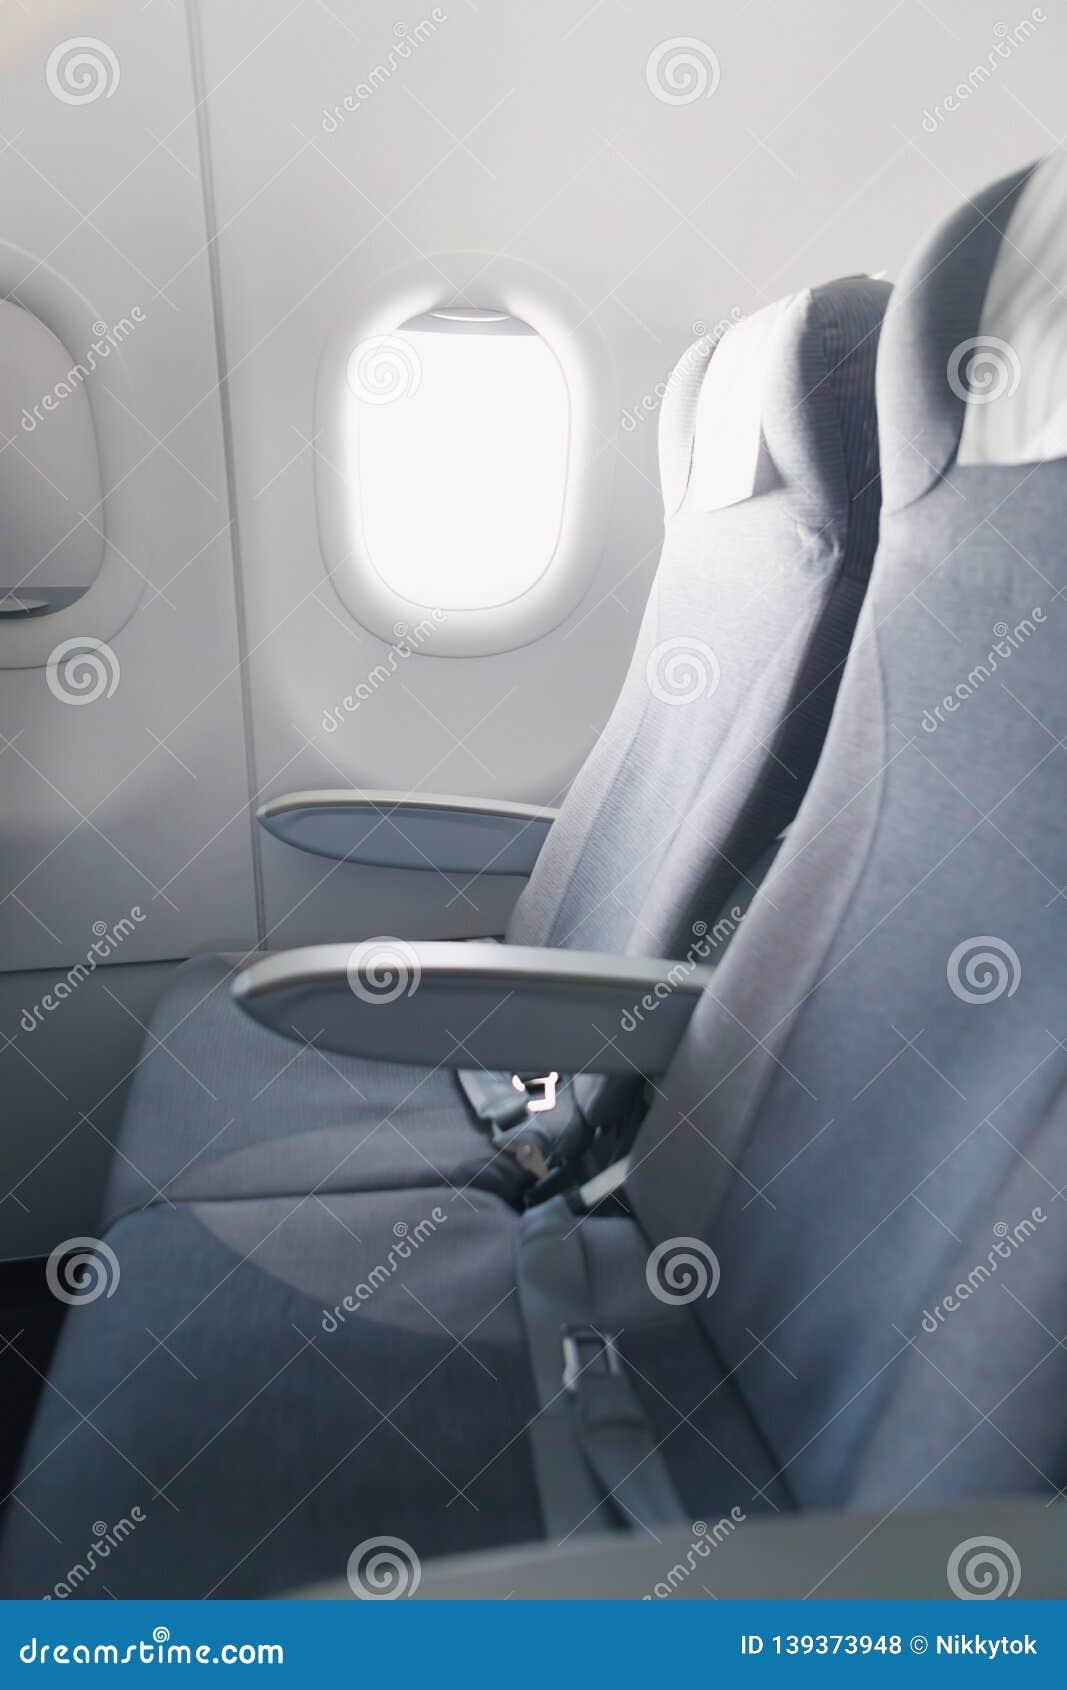 Remarkable Airline Passenger Seats And Side Window Stock Photo Image Inzonedesignstudio Interior Chair Design Inzonedesignstudiocom